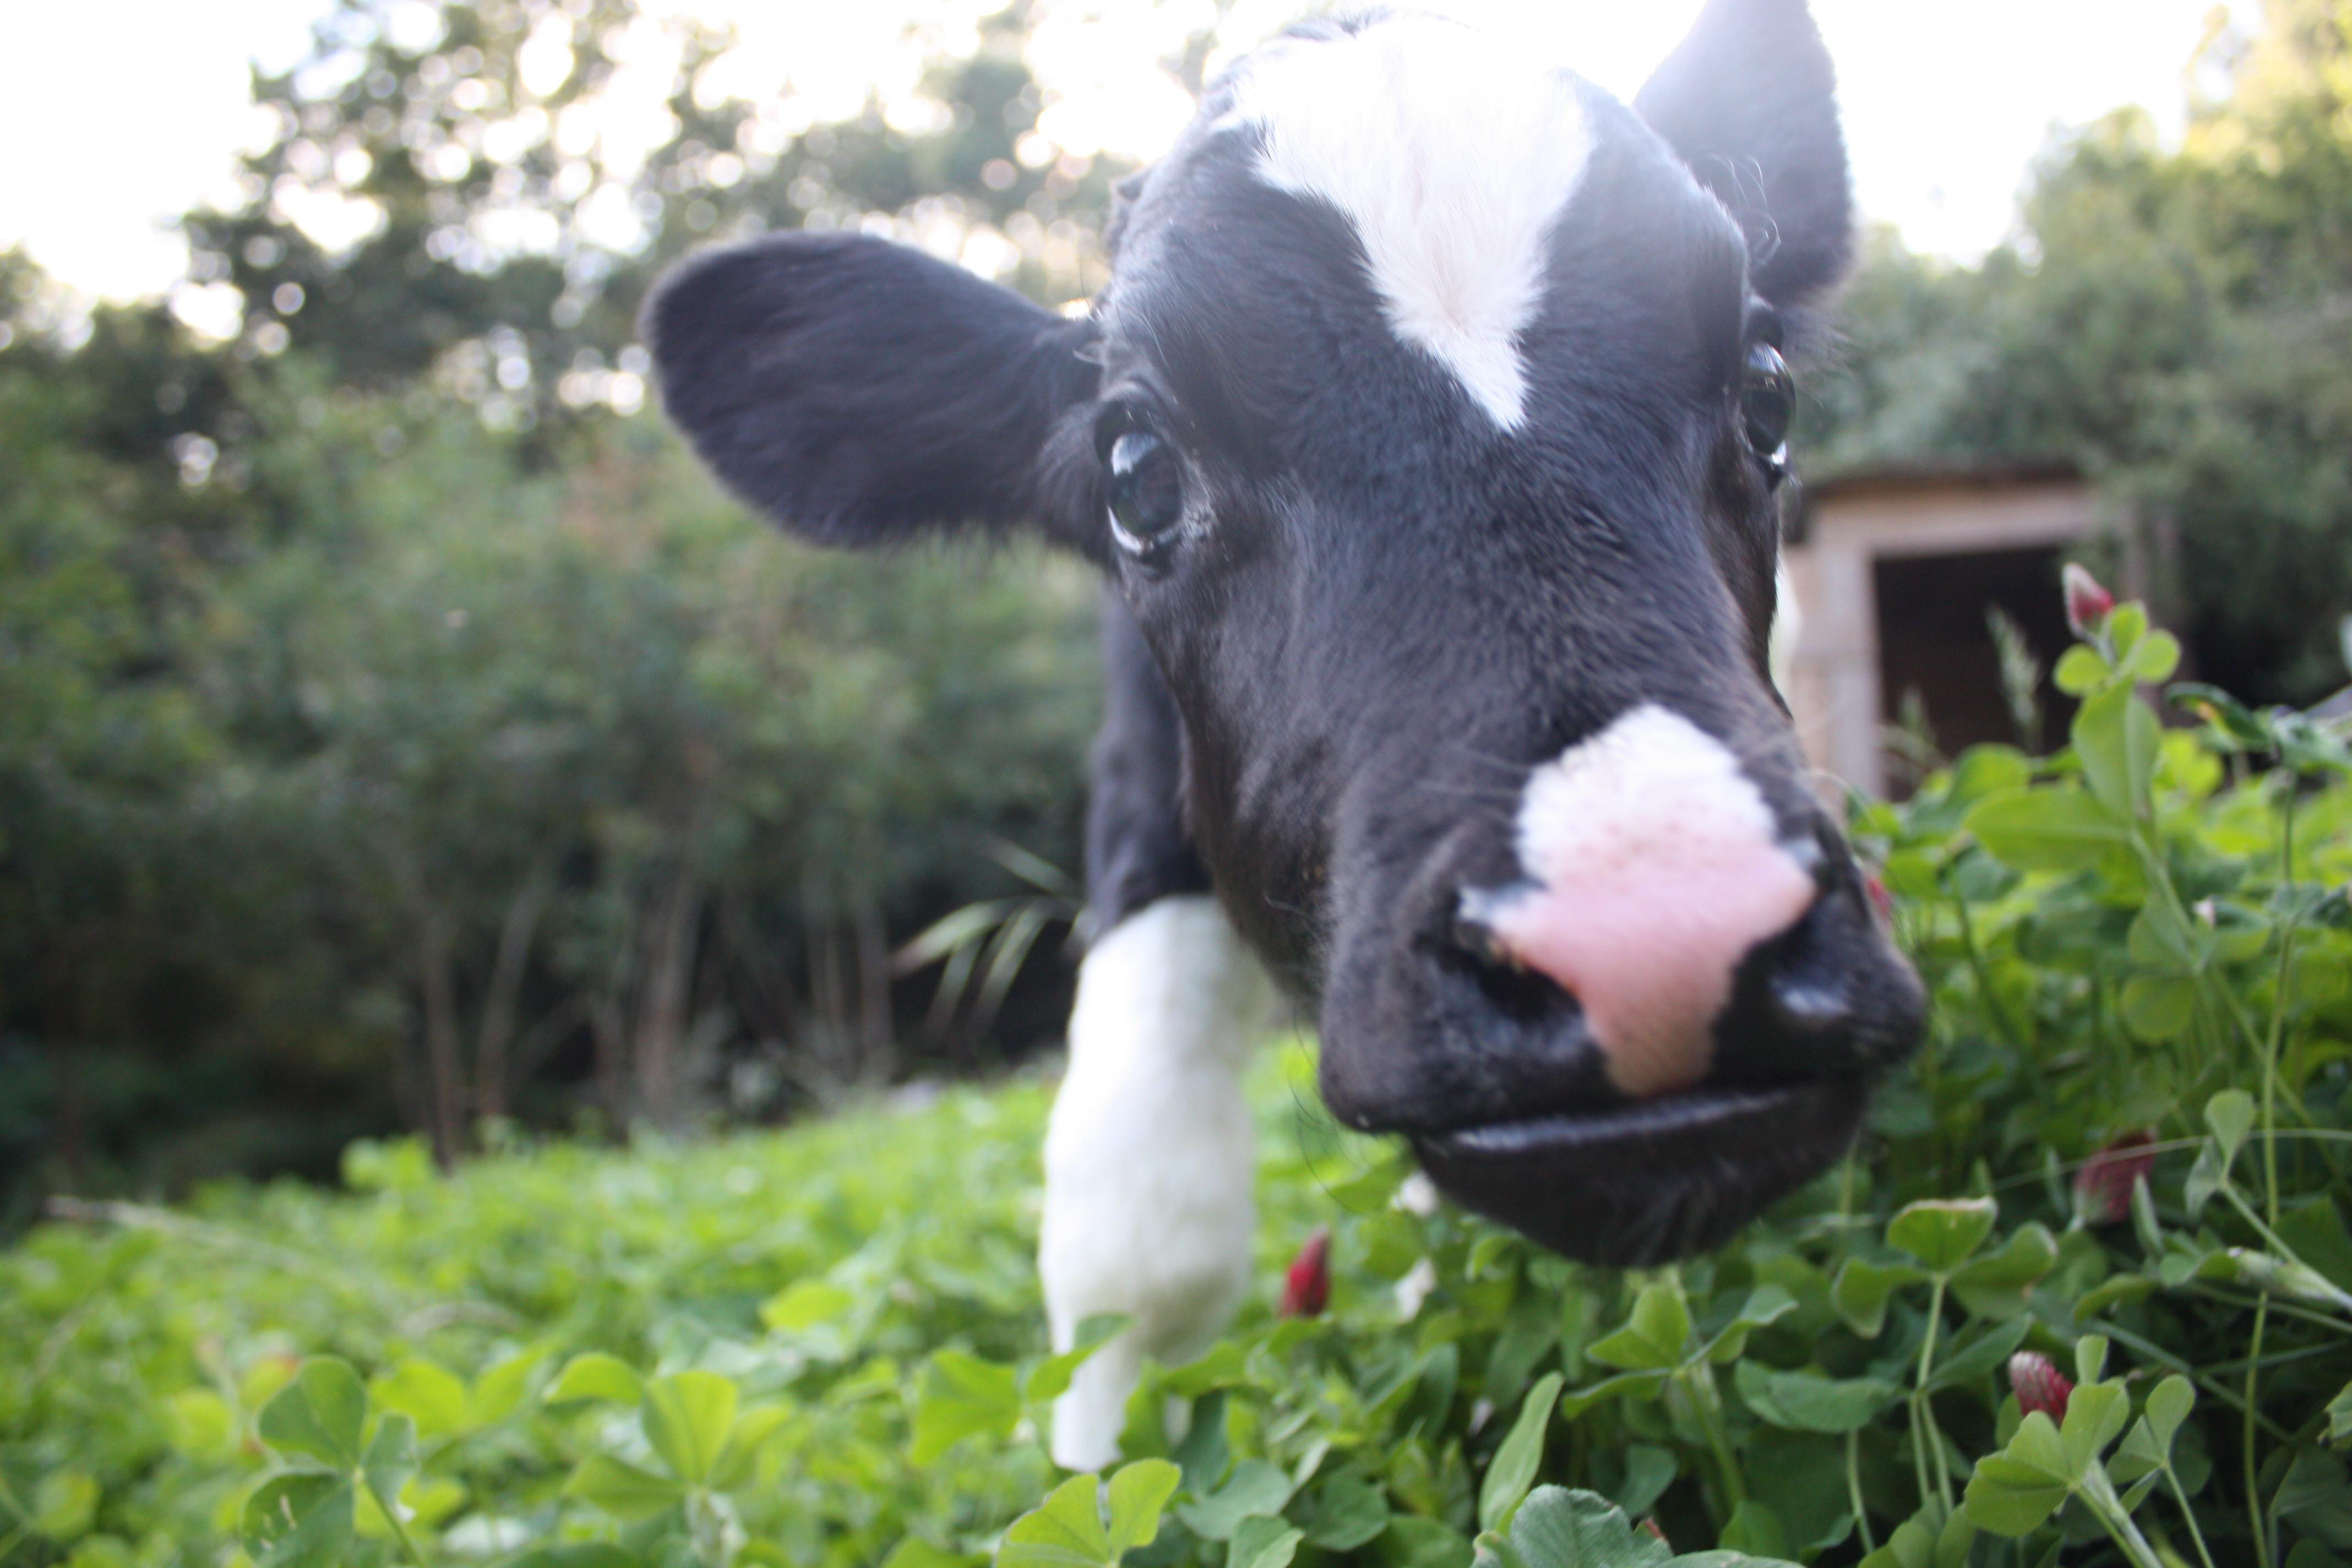 Luna the calf